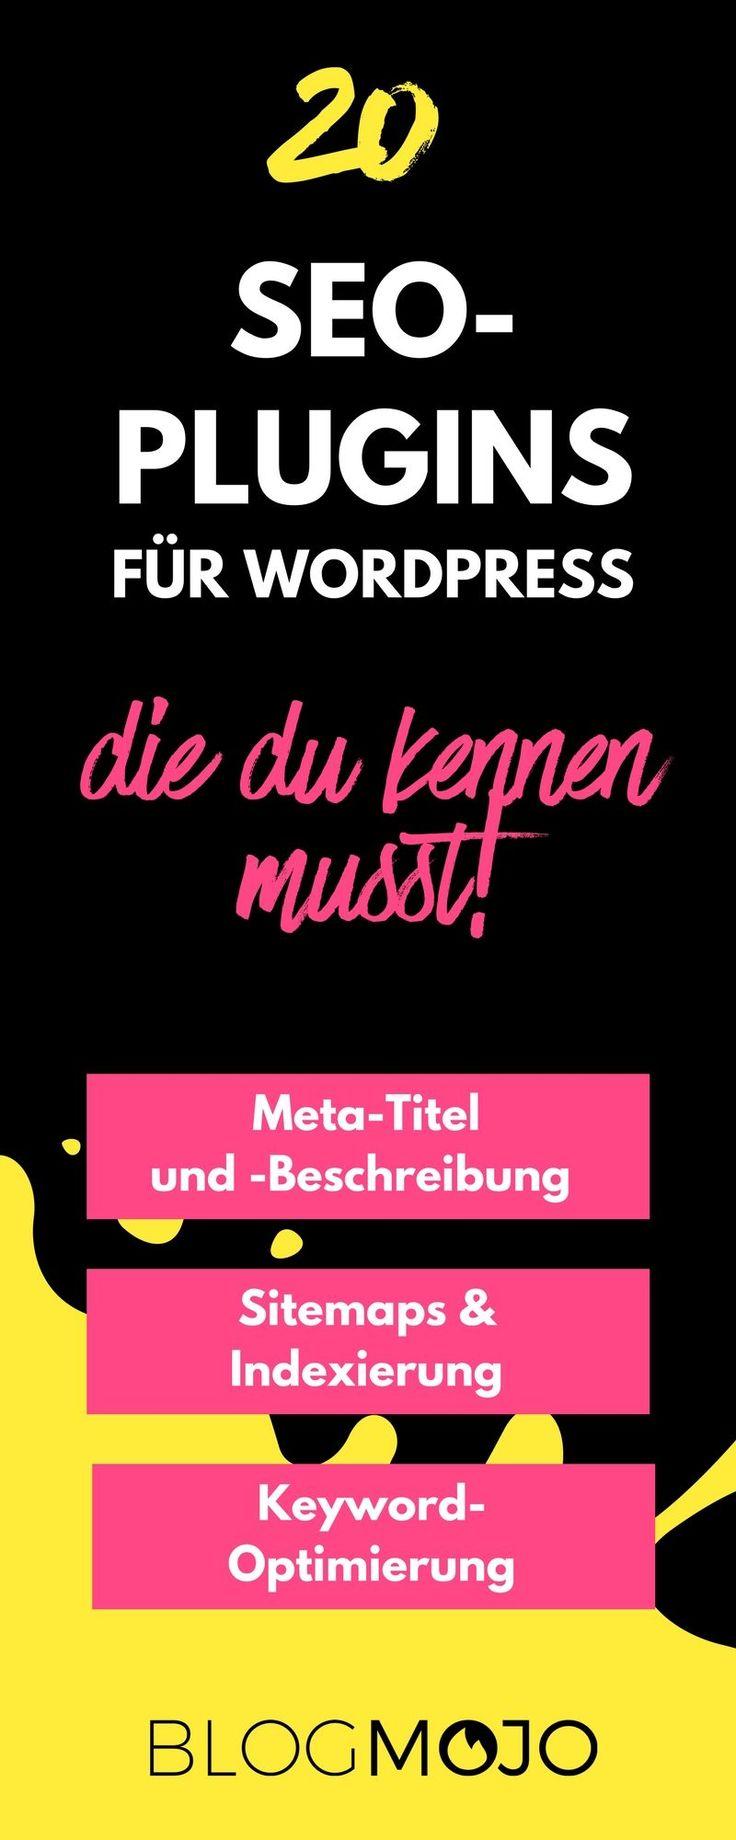 Die besten 20 SEO-Plugins für WordPress